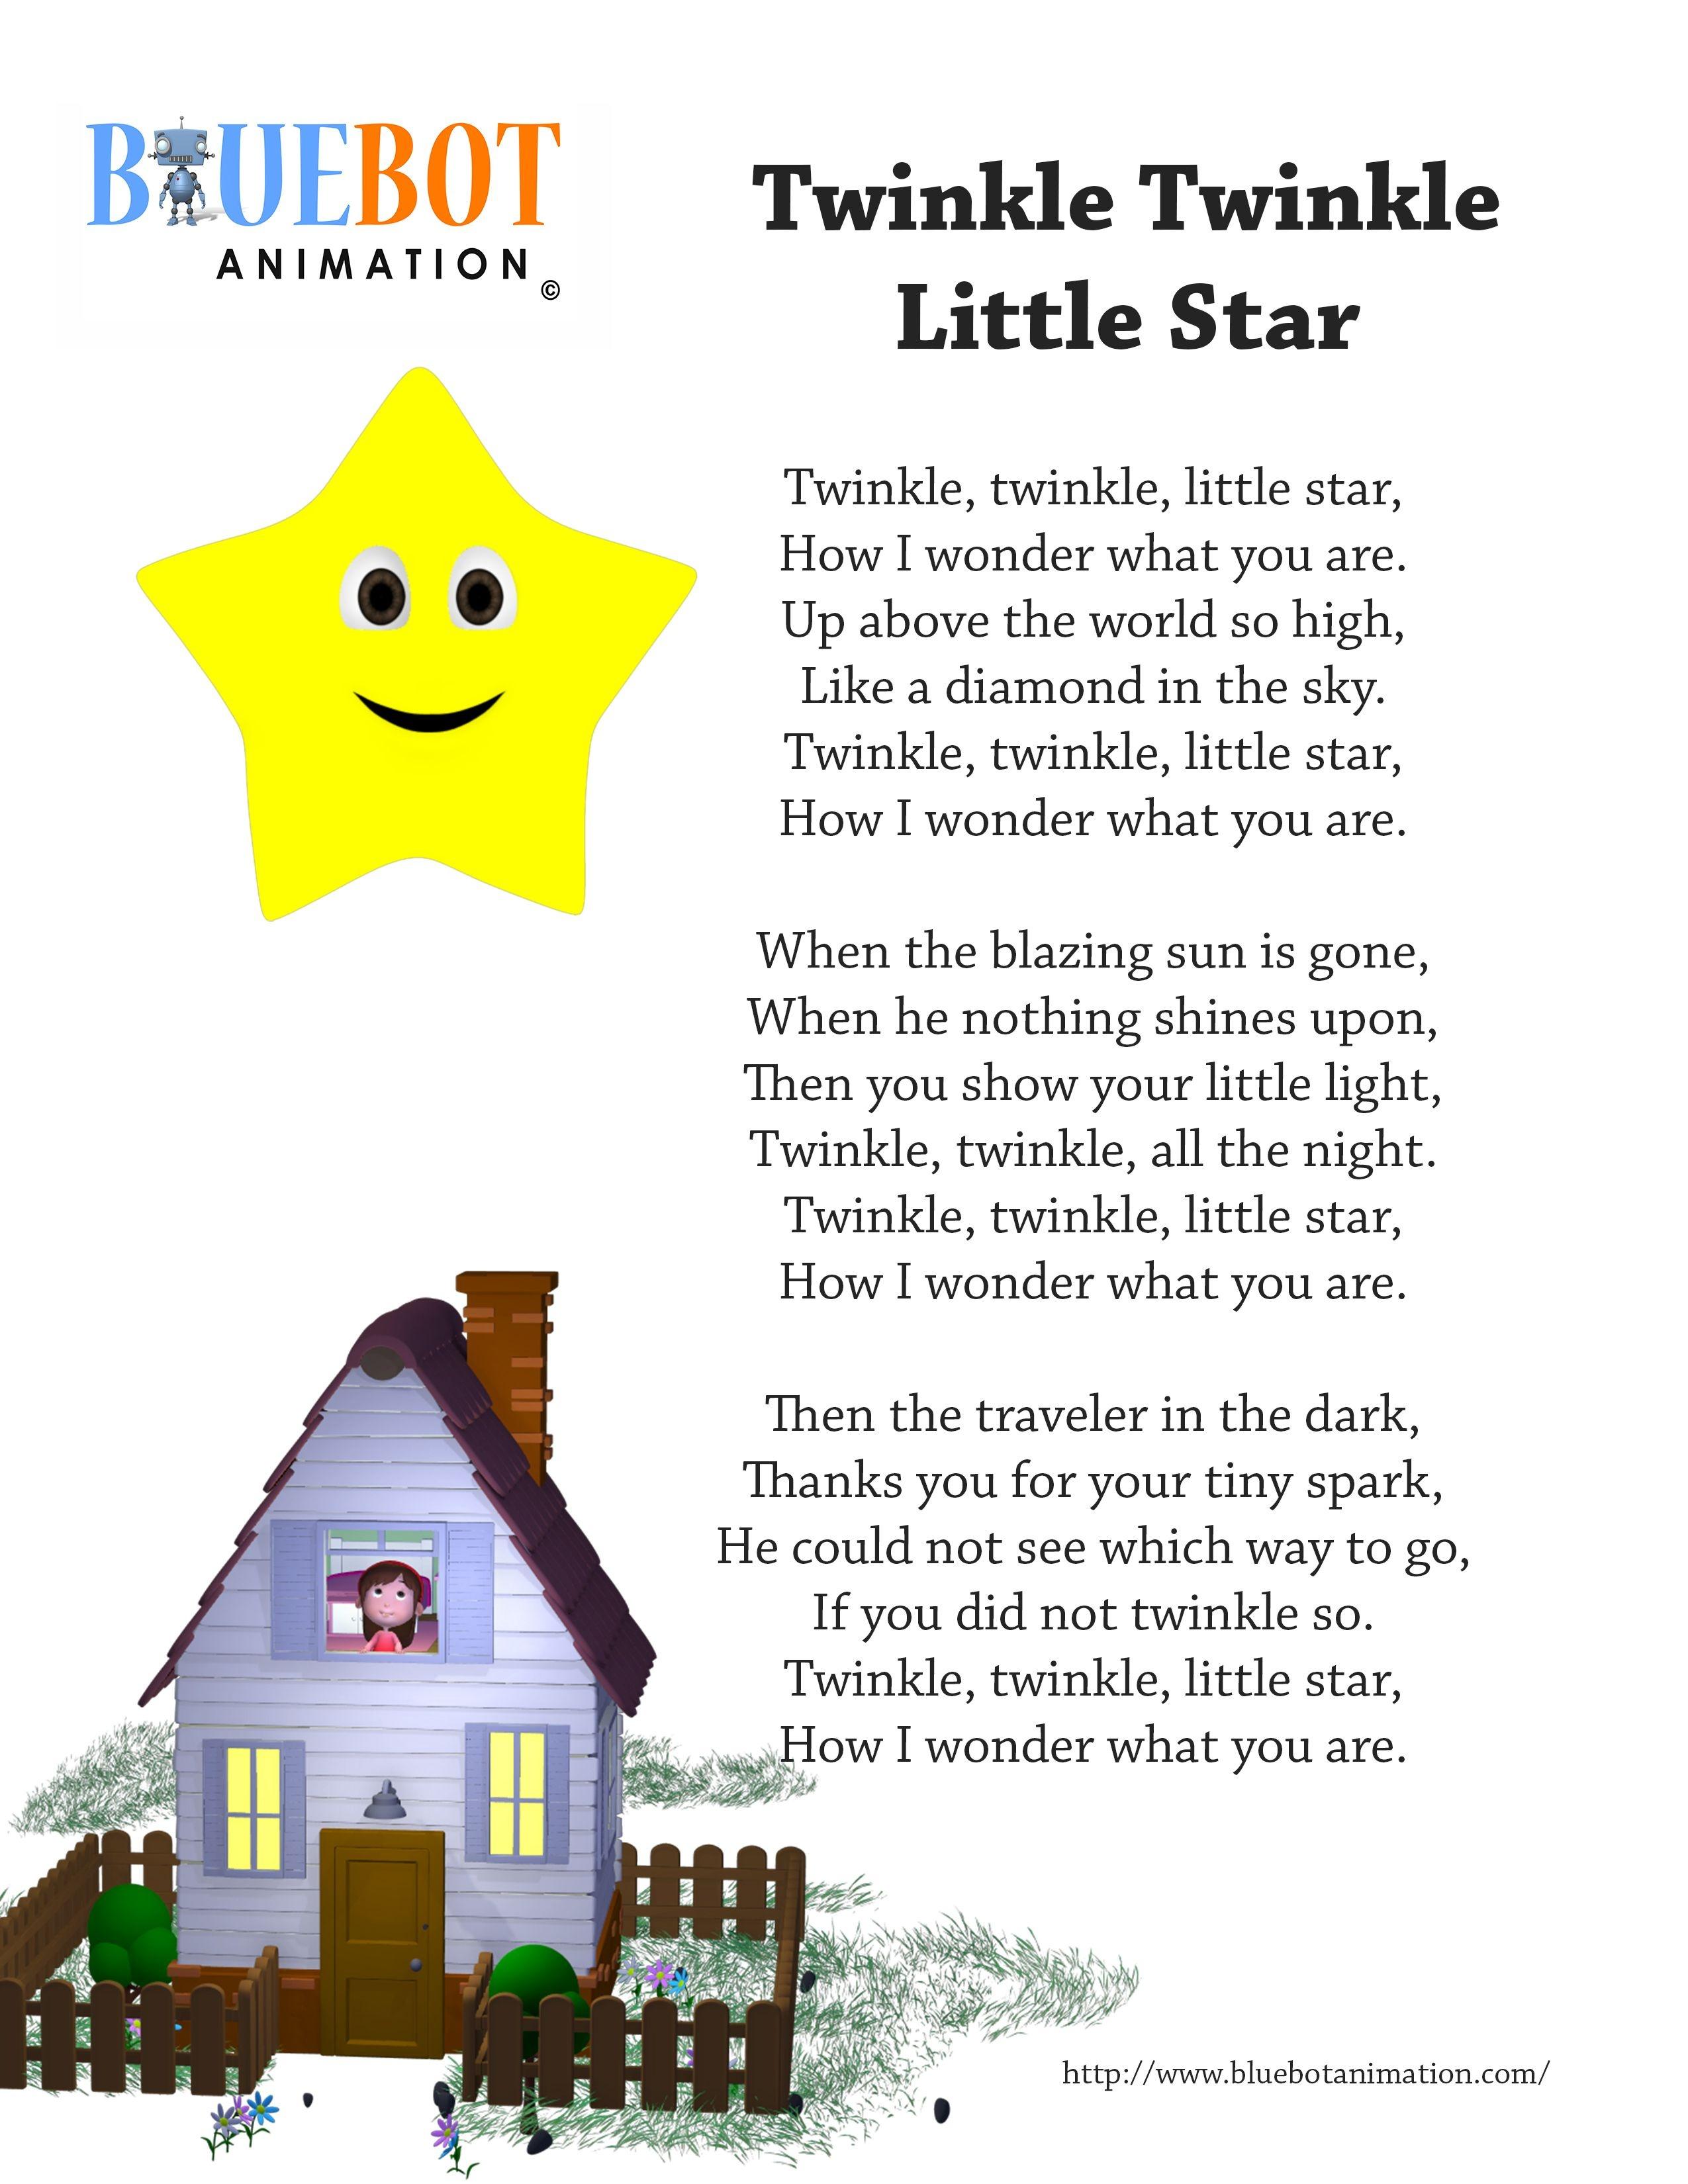 Twinkle Twinkle Little Star Nursery Rhyme Lyrics Free Printable - Free Printable Nursery Rhymes Songs